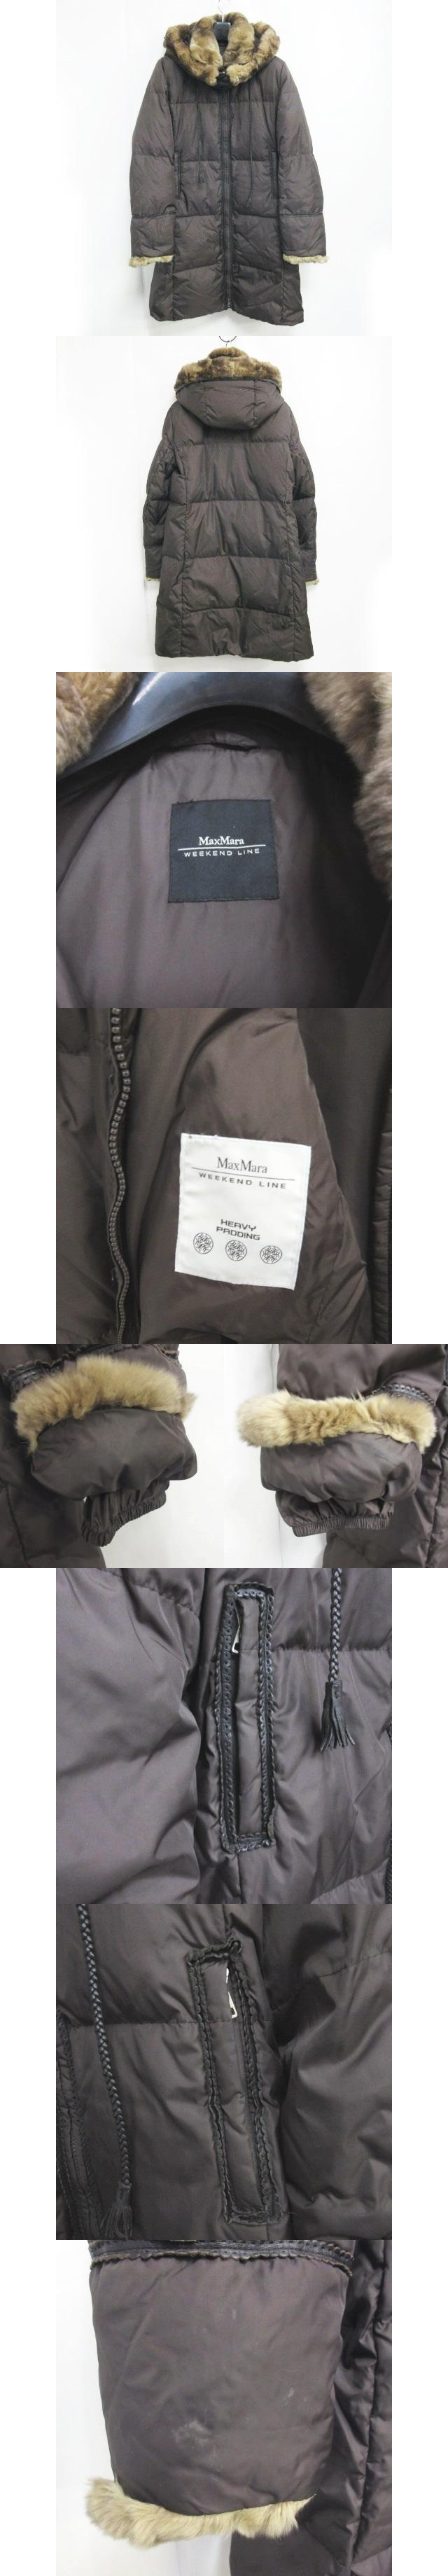 ダウンコート ダウンジャケット ロング ファー レザー 装飾 フード 茶 ブラウン 42 IBS12 0425